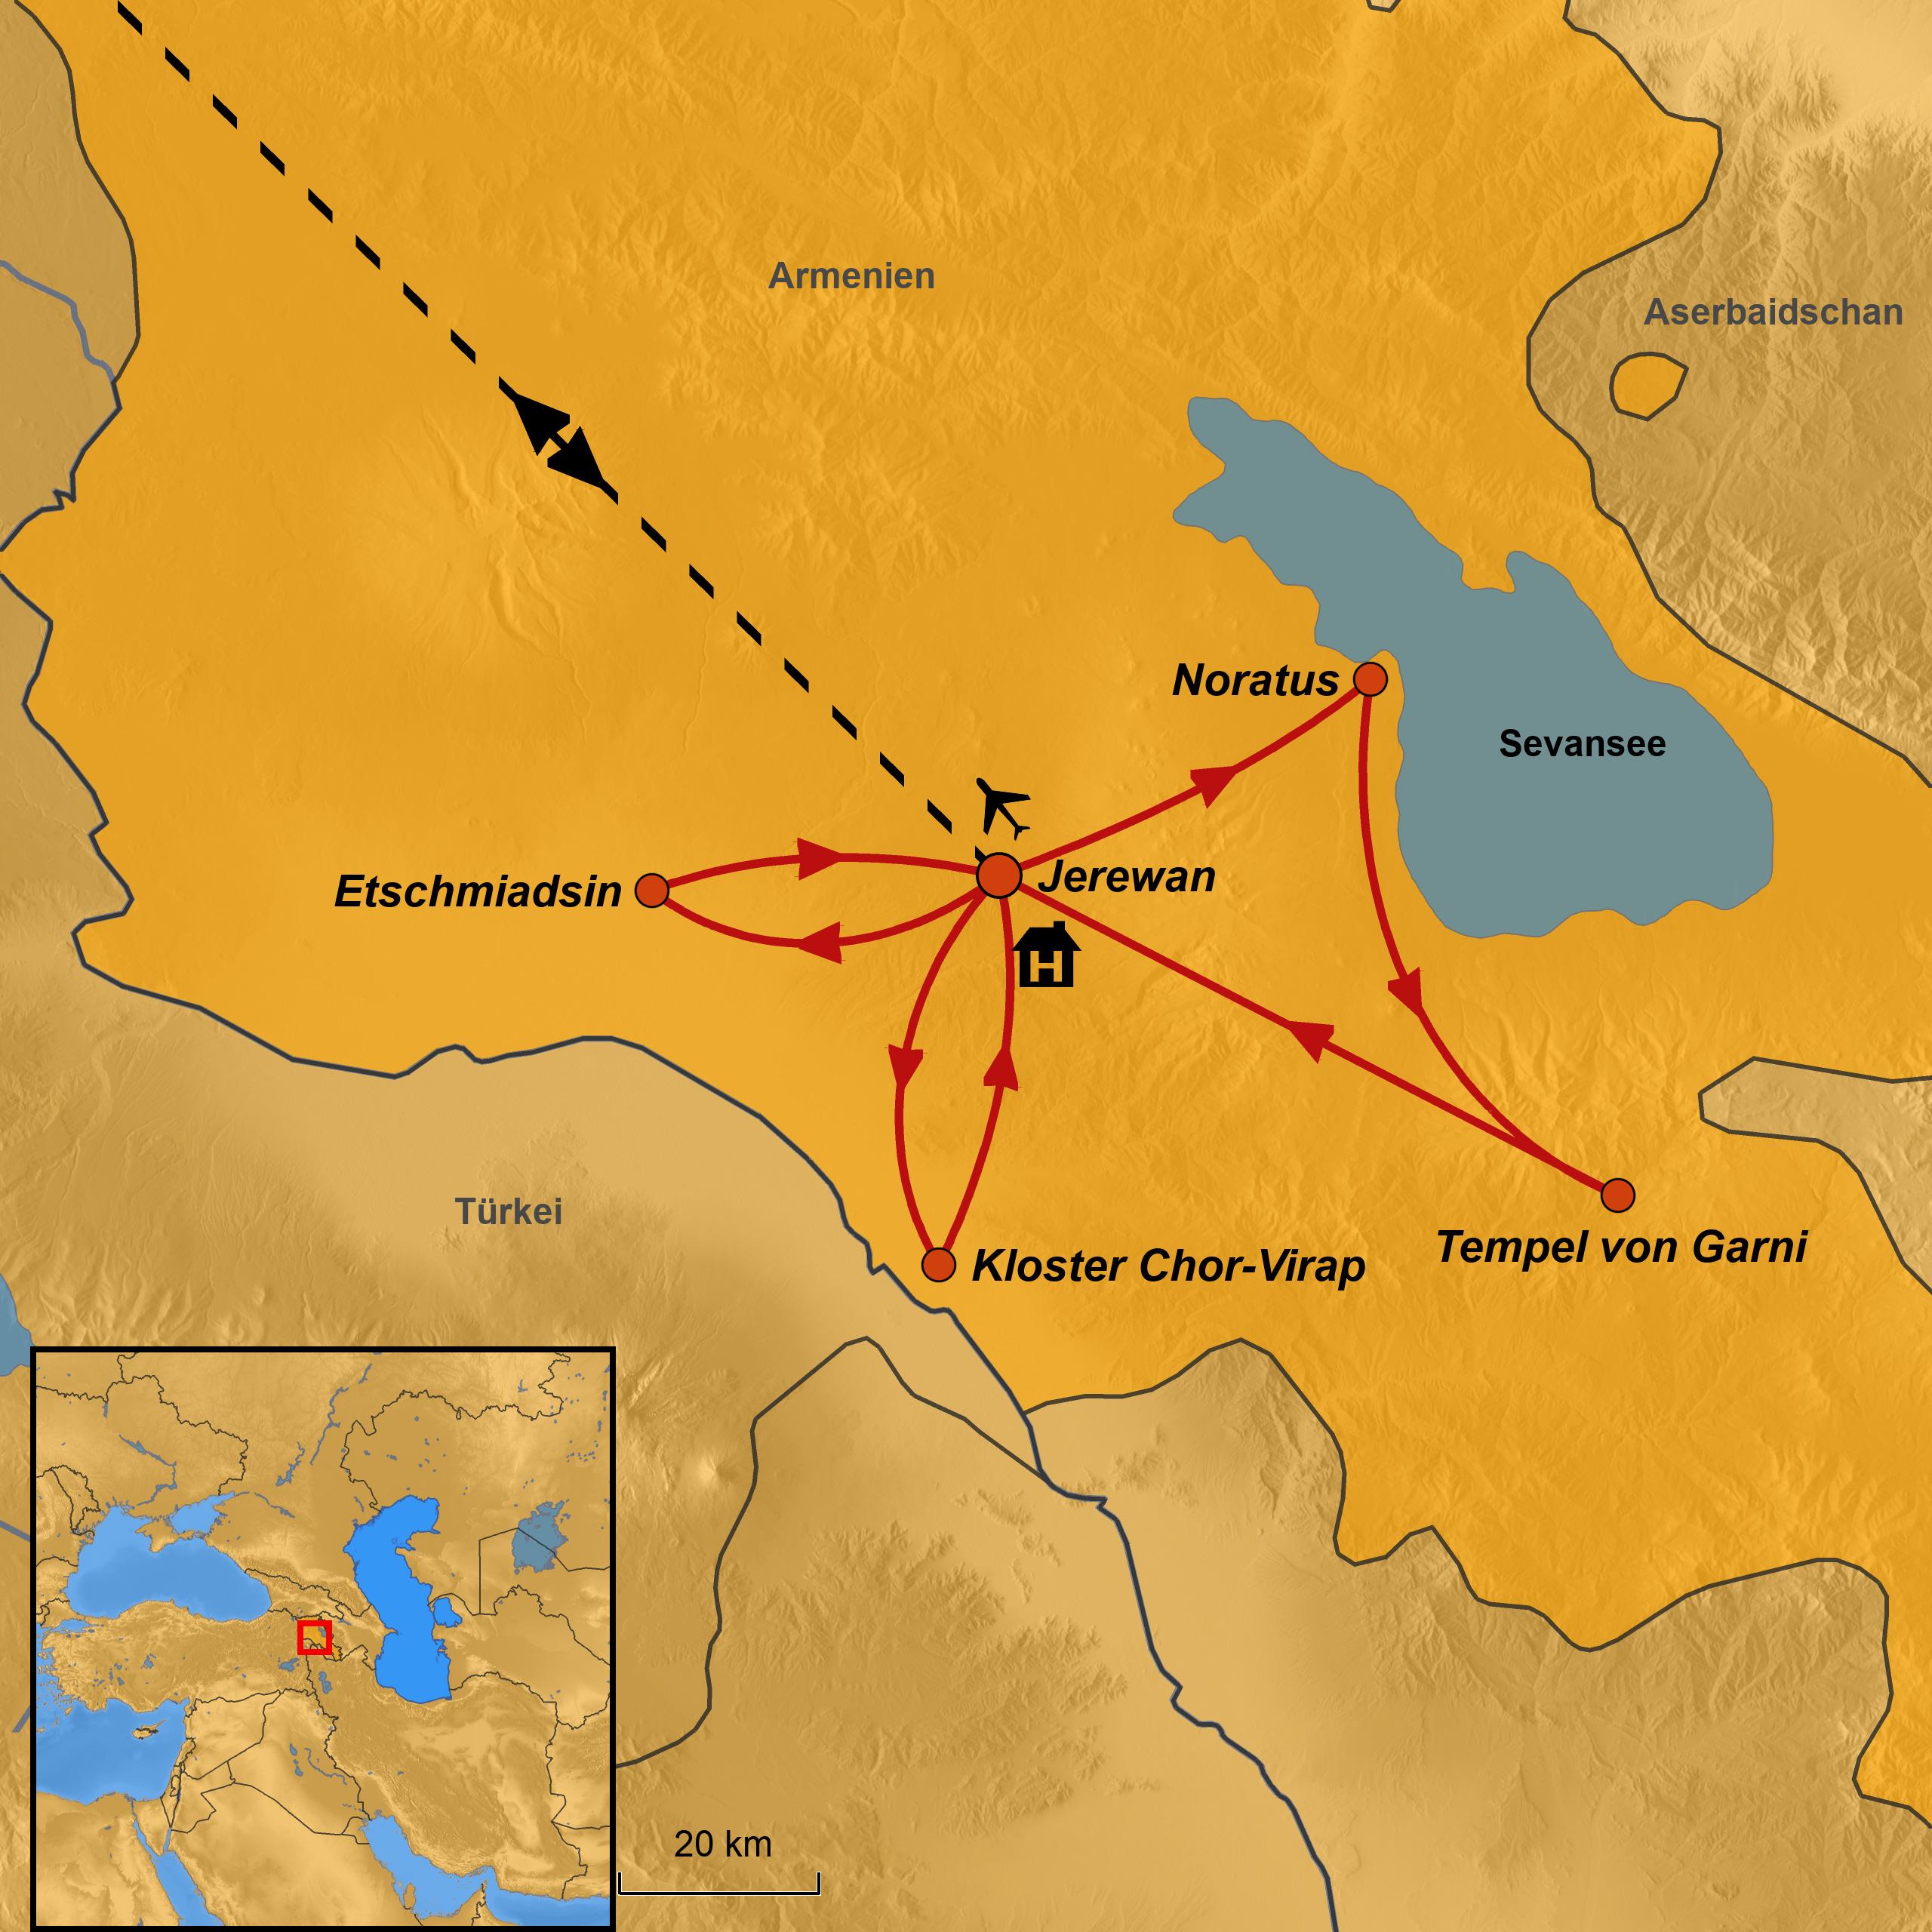 Armenien Karte.Gruppenreise Armenien Arche Noah Reisen Verschiedene Termine